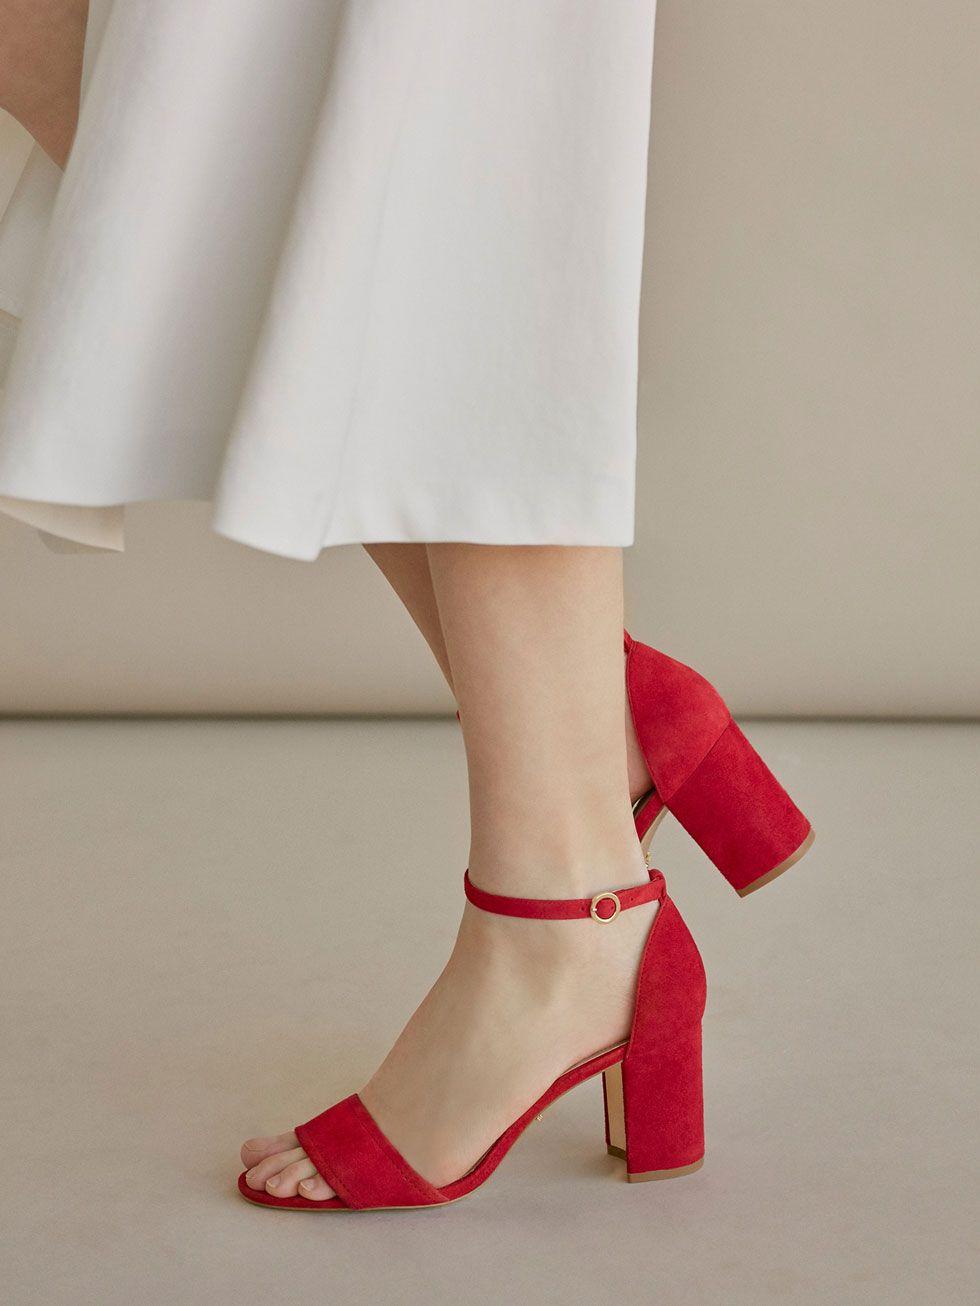 MASSIMO DUTTI-Sandale roşii din piele naturală întoarsă, mărimea 39